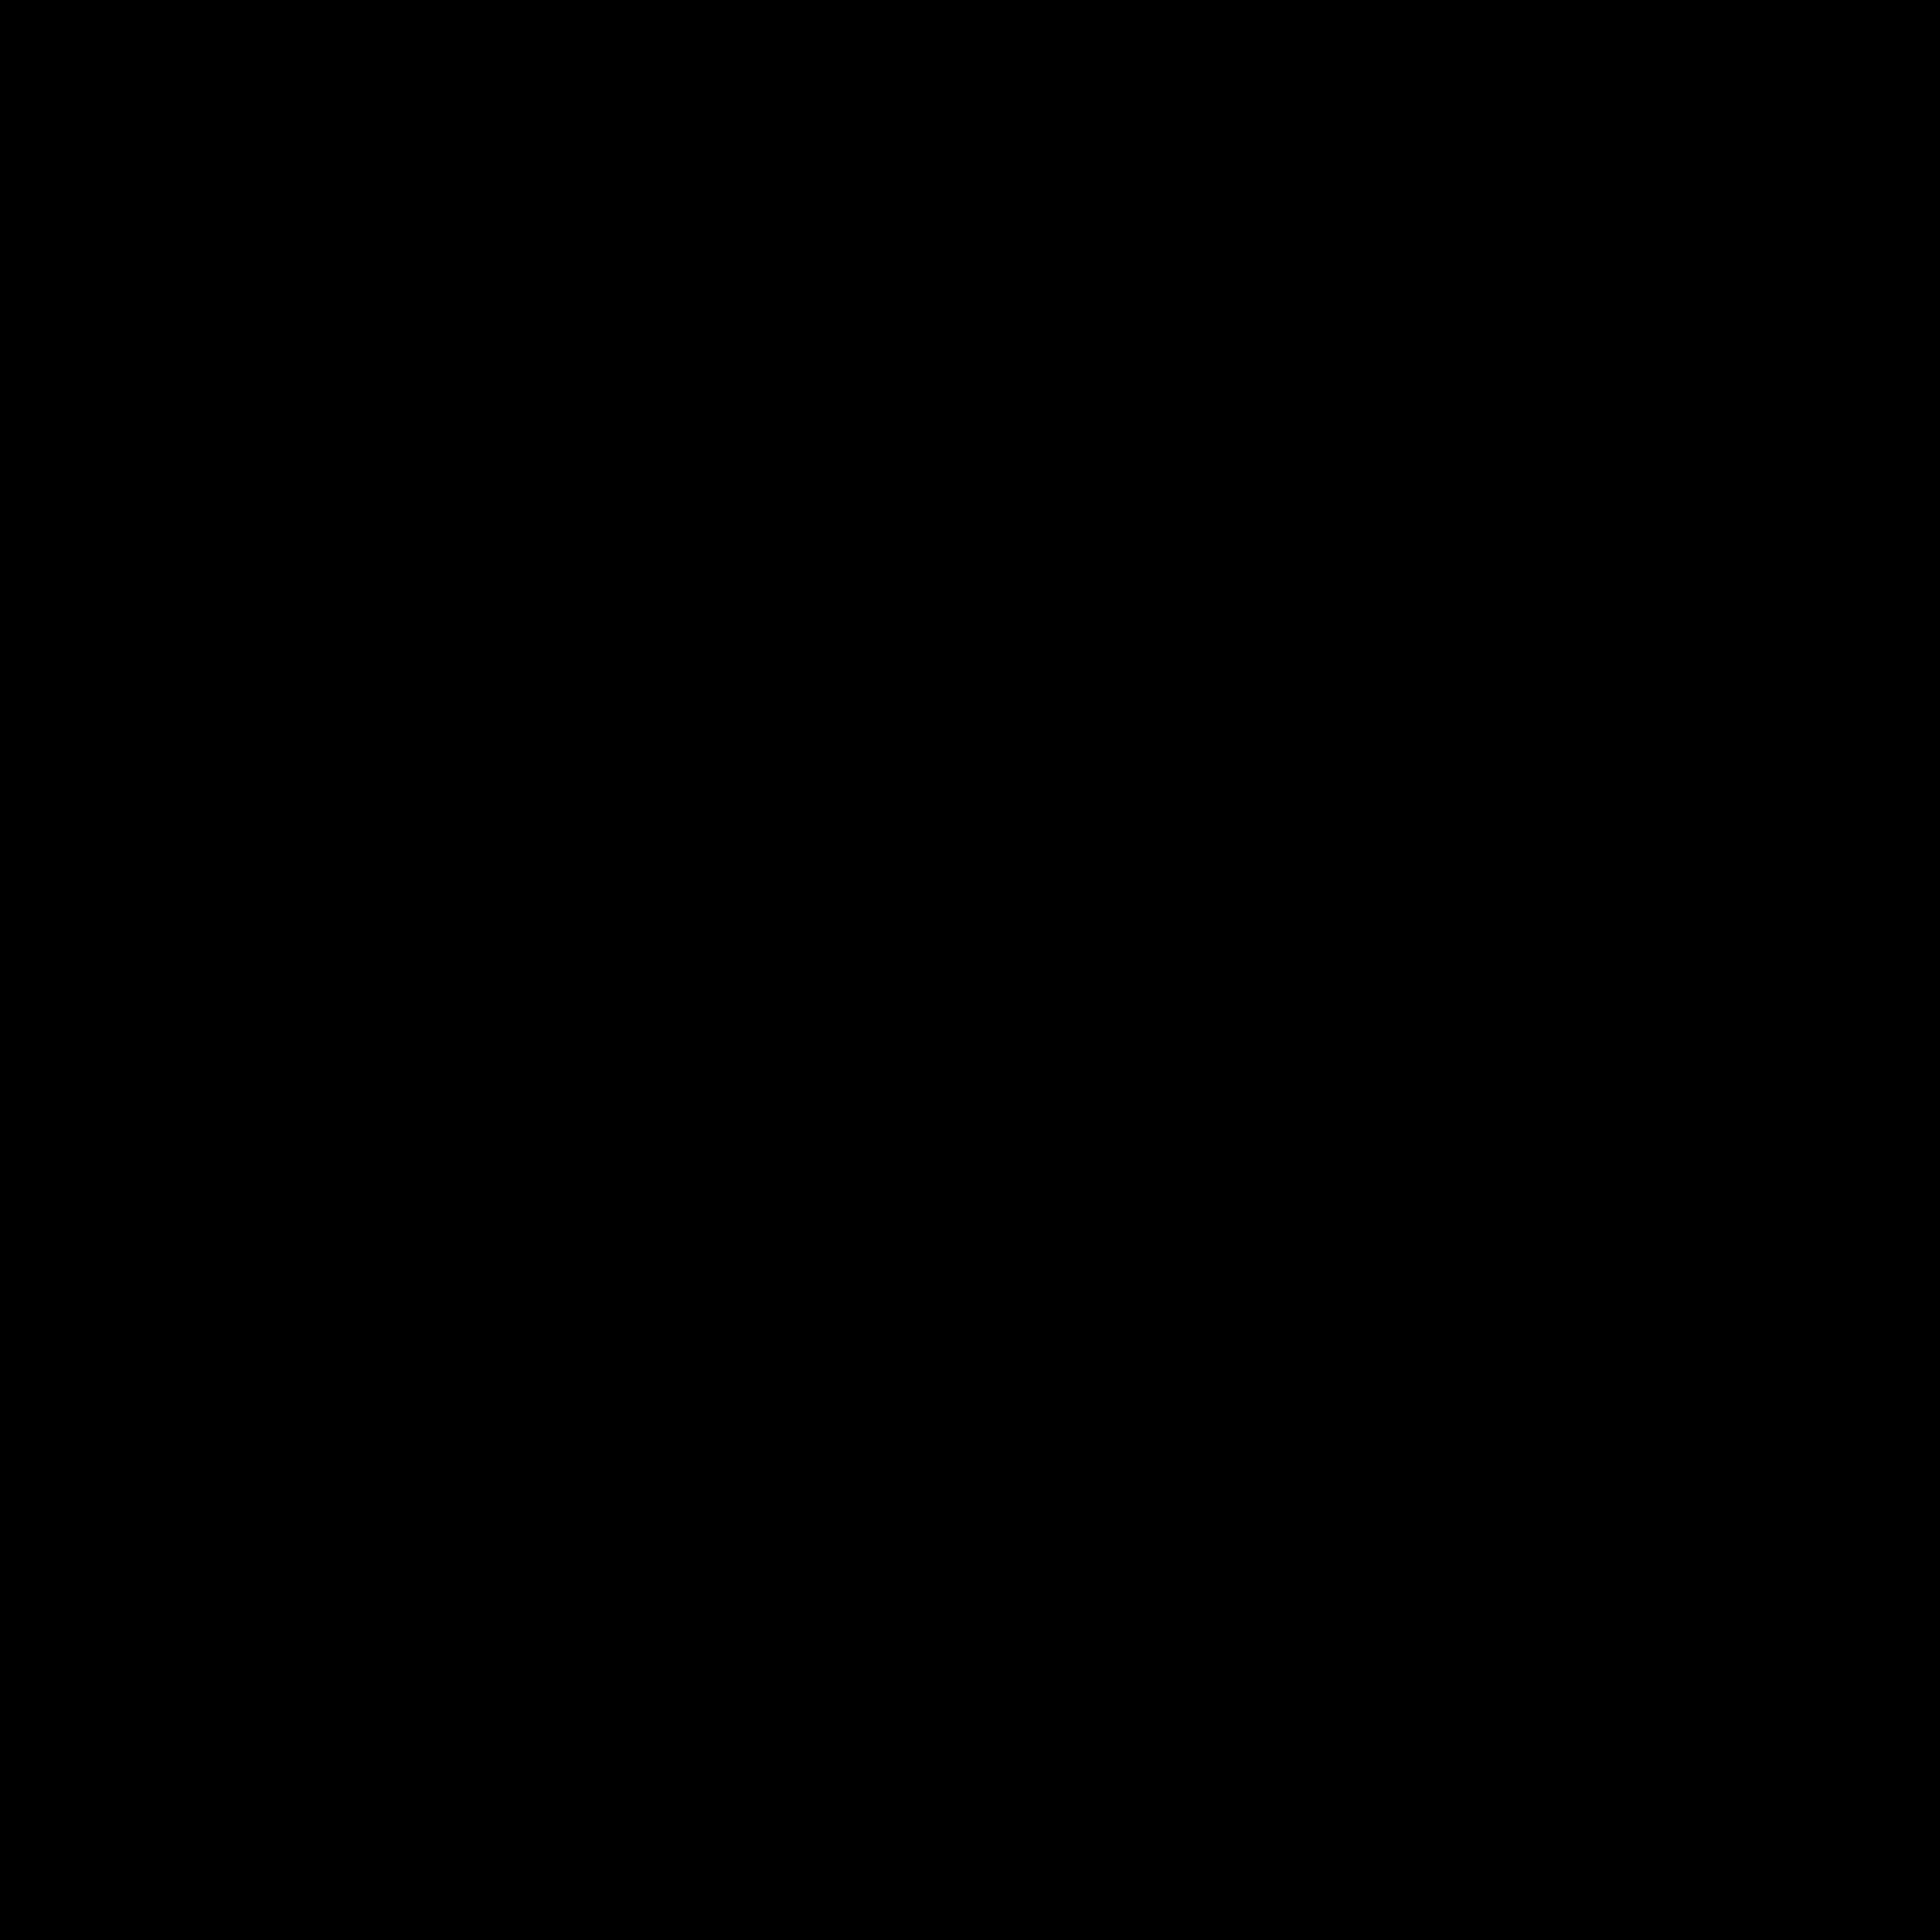 e.coli morphology on macconkey agar